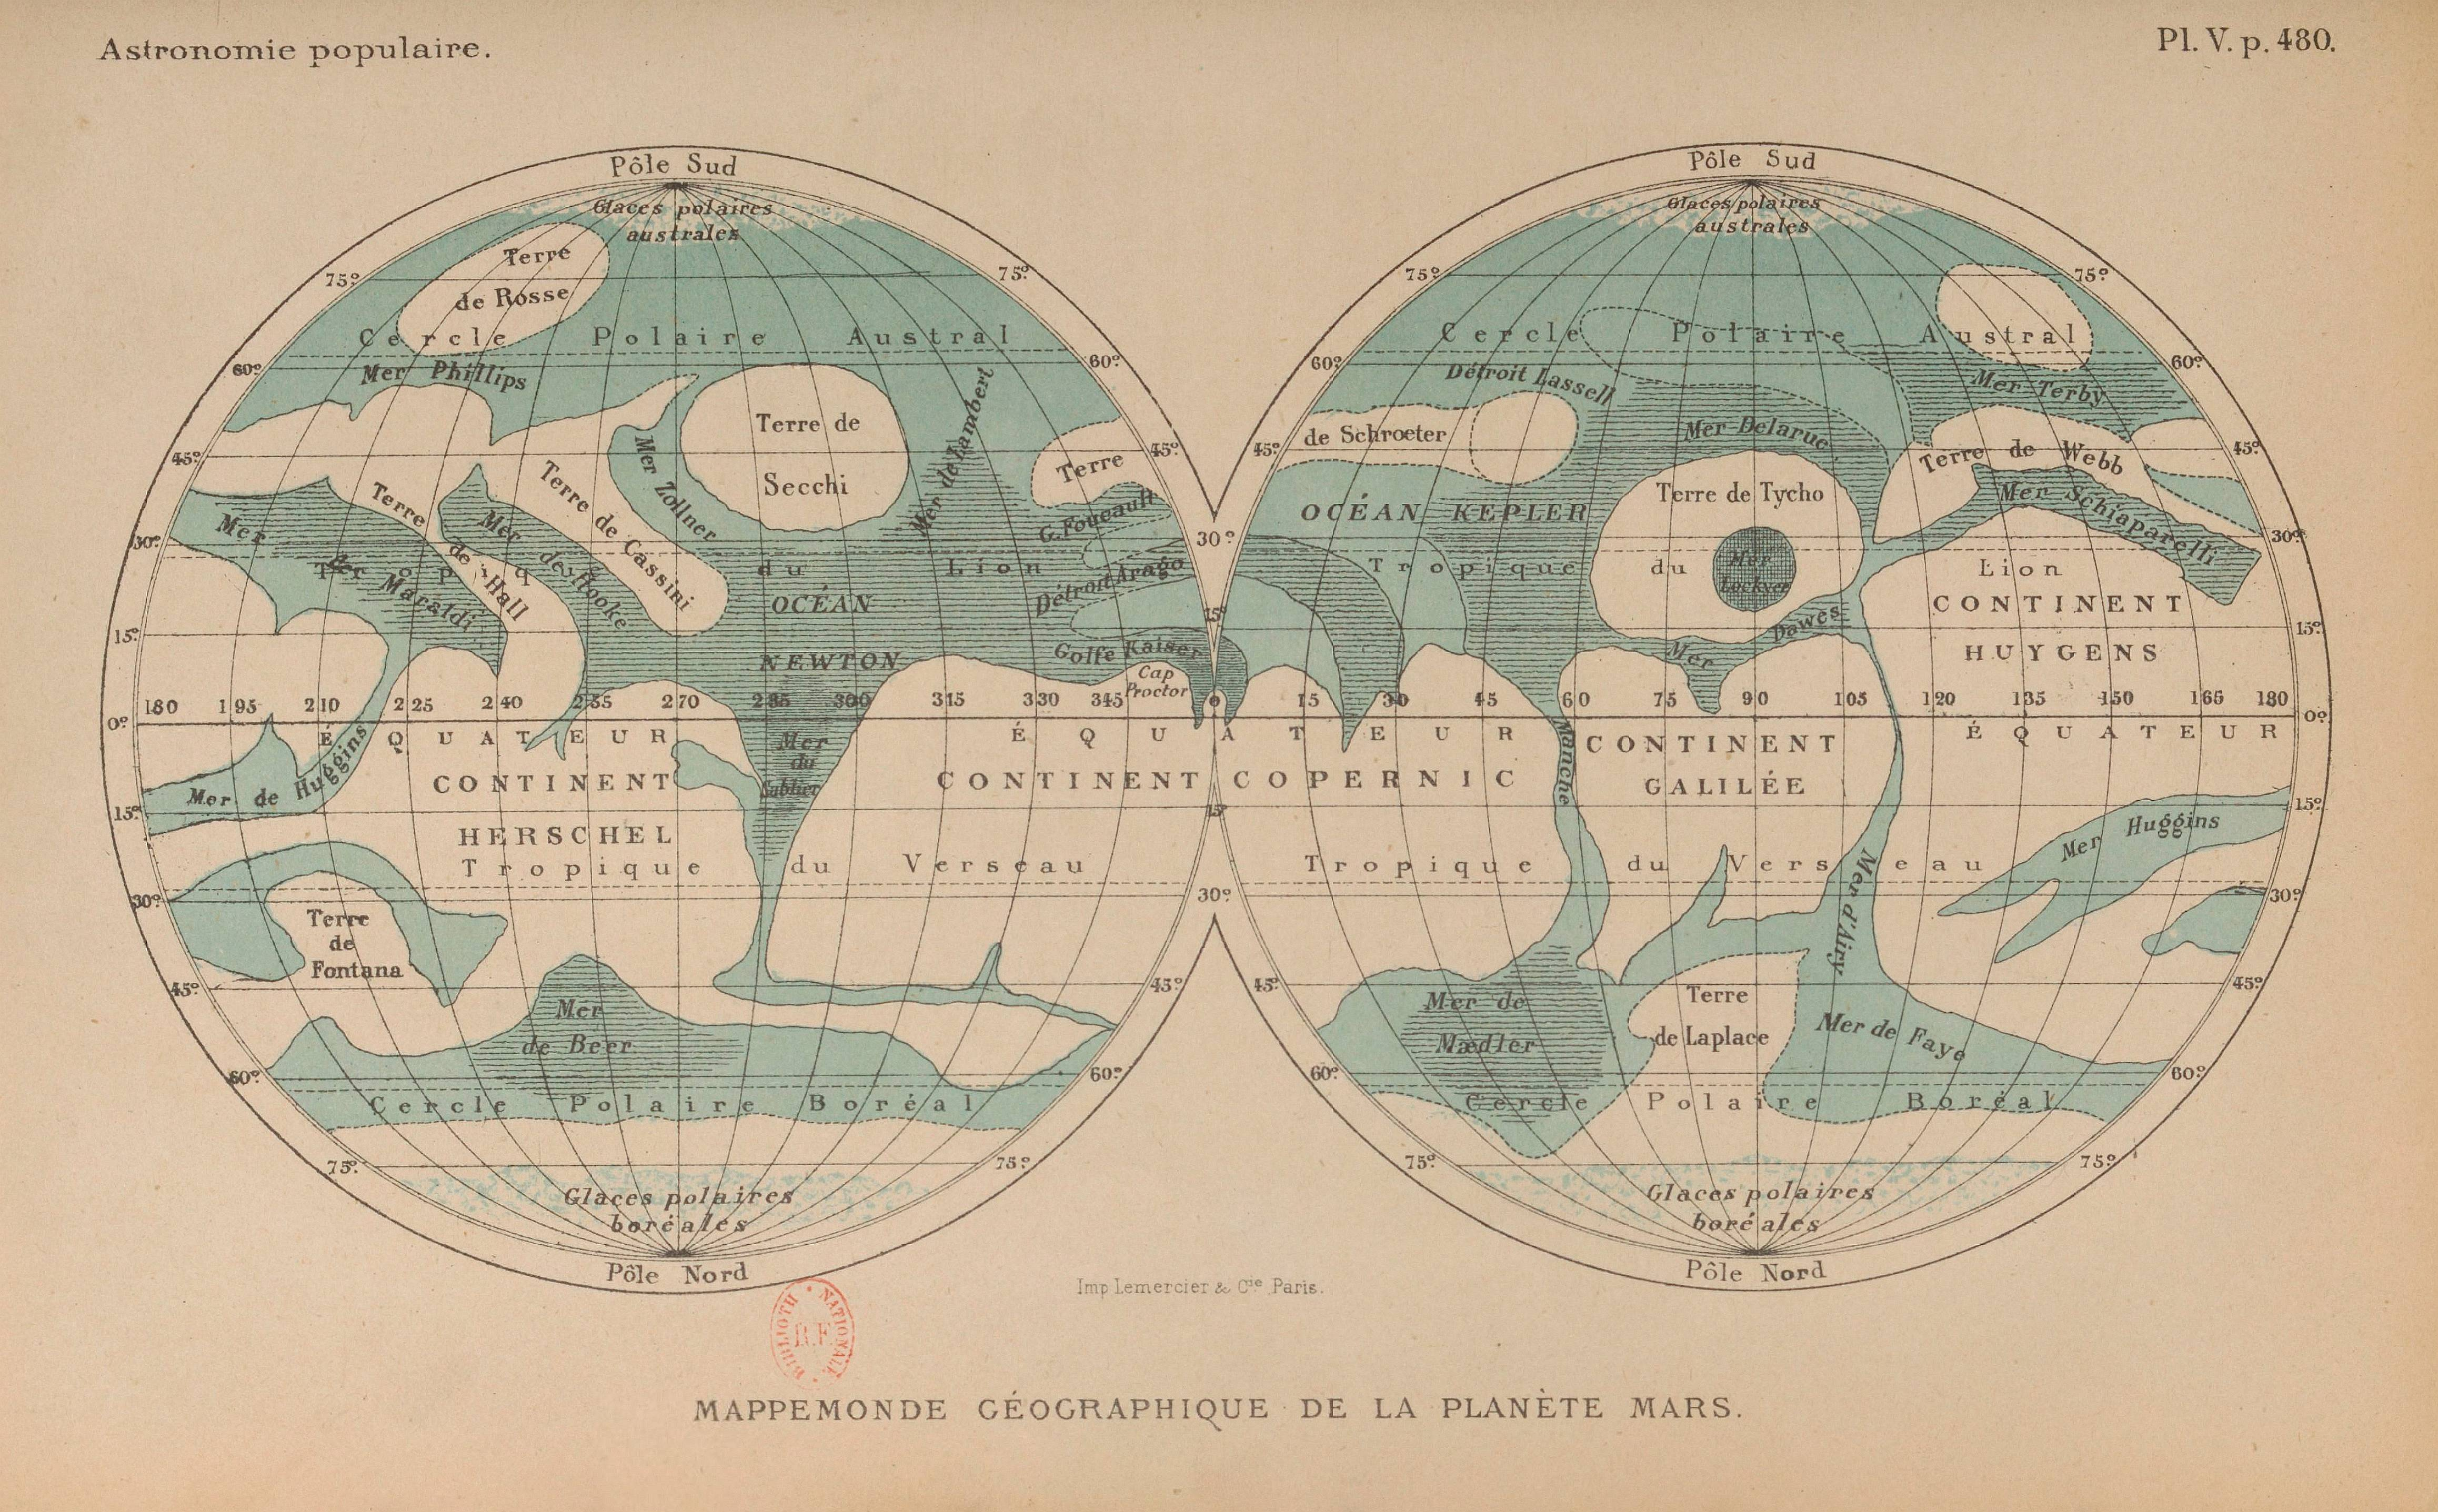 Flammarion_Mars_1881.jpg